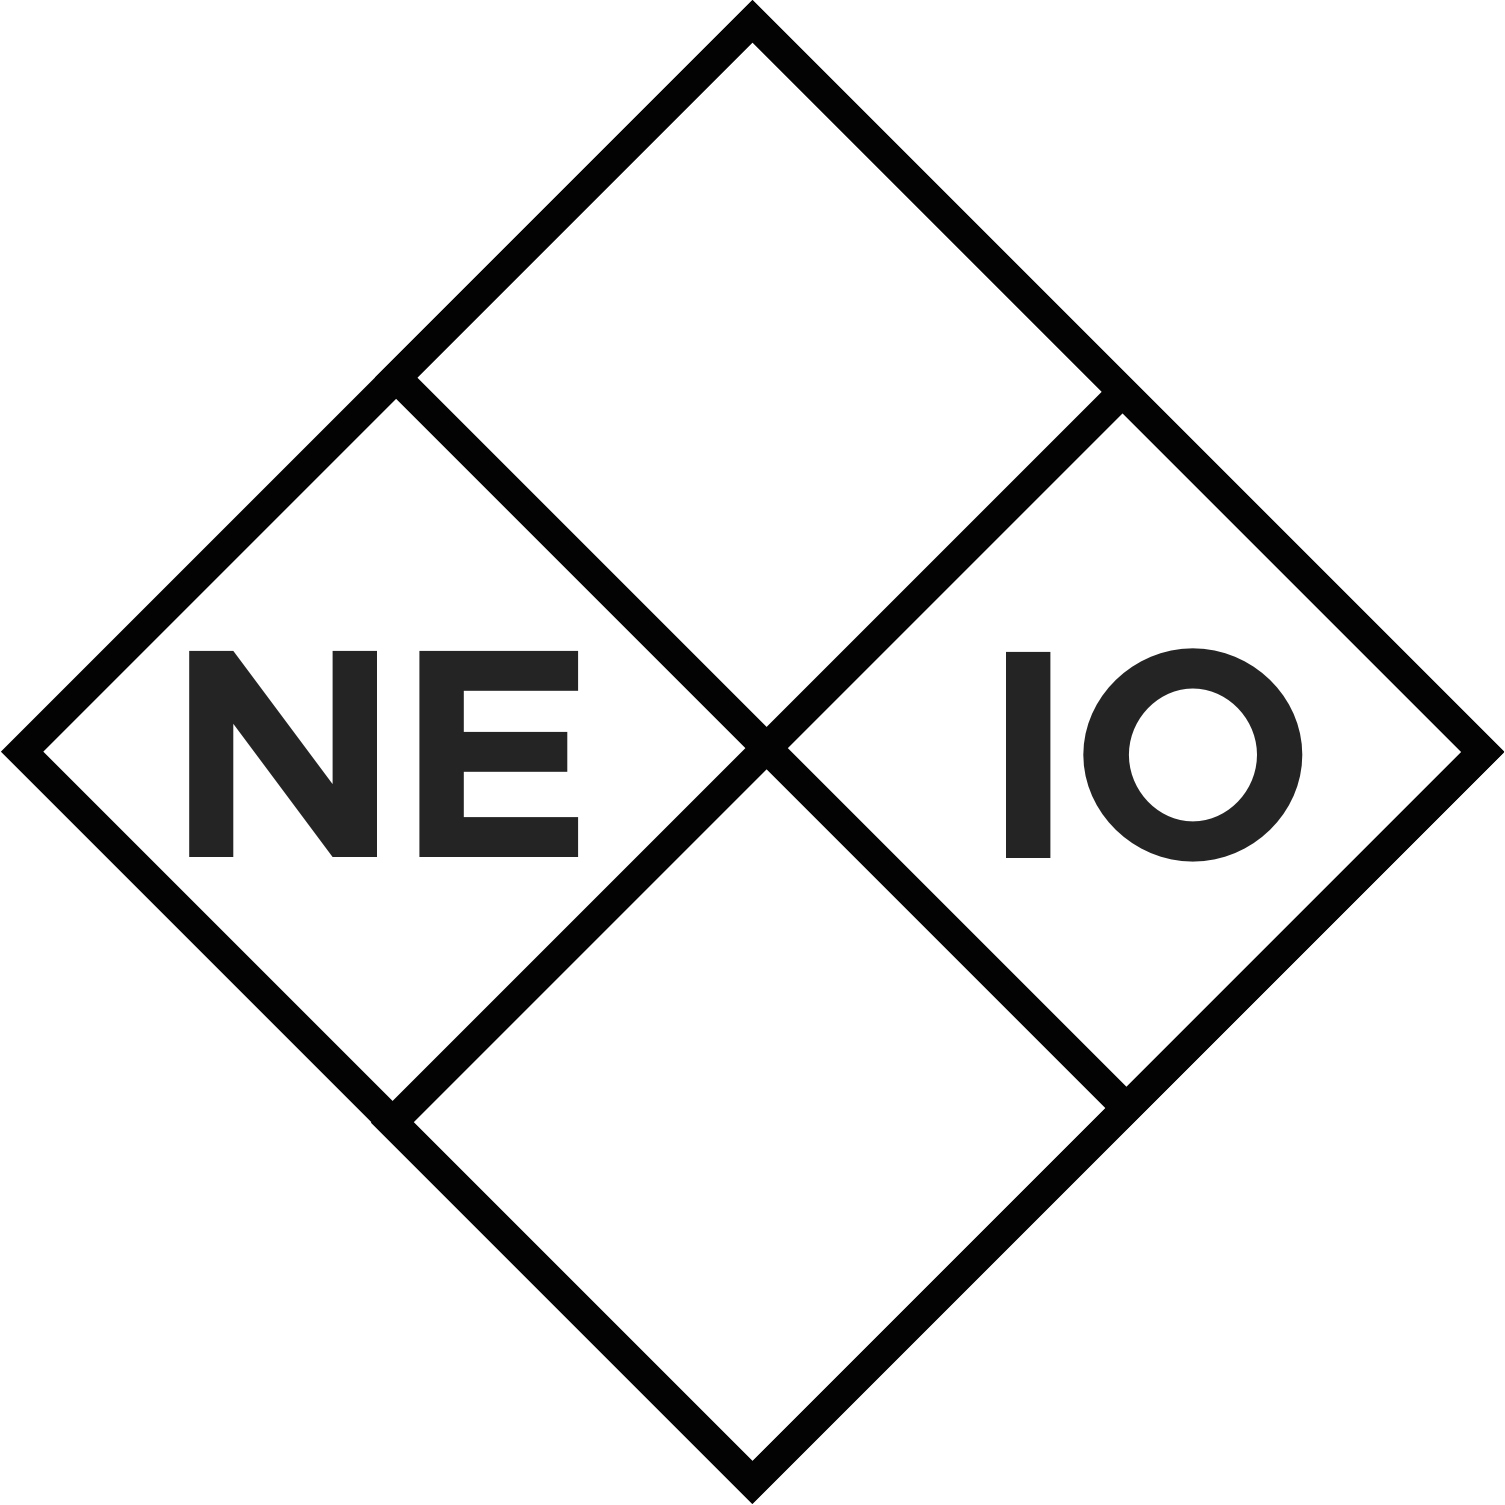 NEXIO_Holding